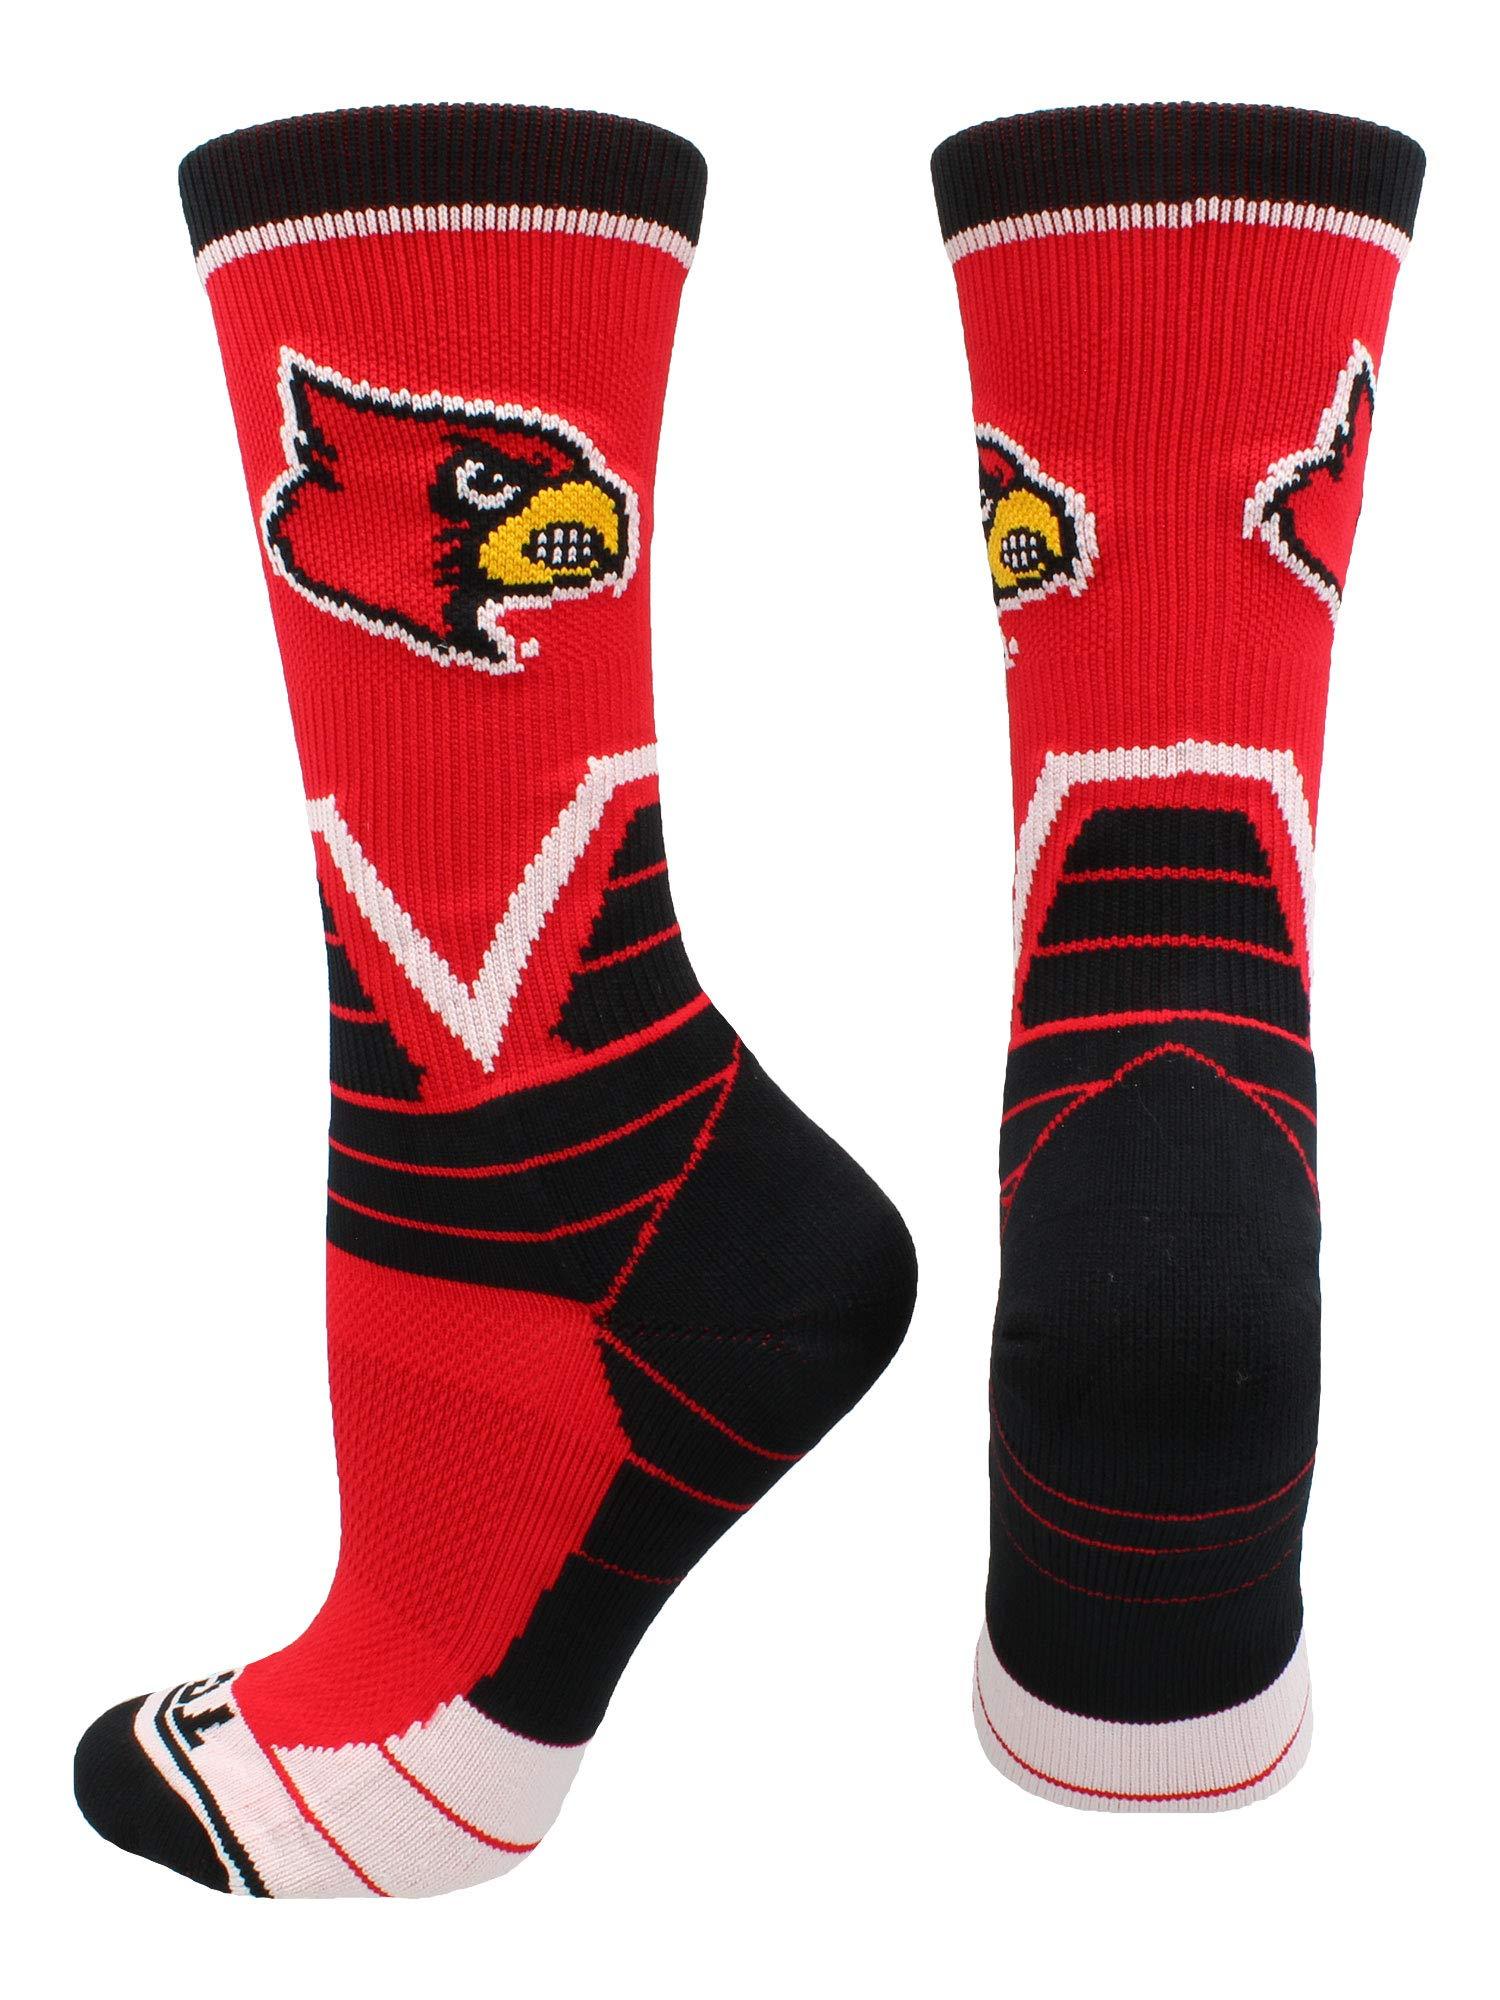 TCK Louisville Cardinals Toddler Socks Low Cut Little Fan